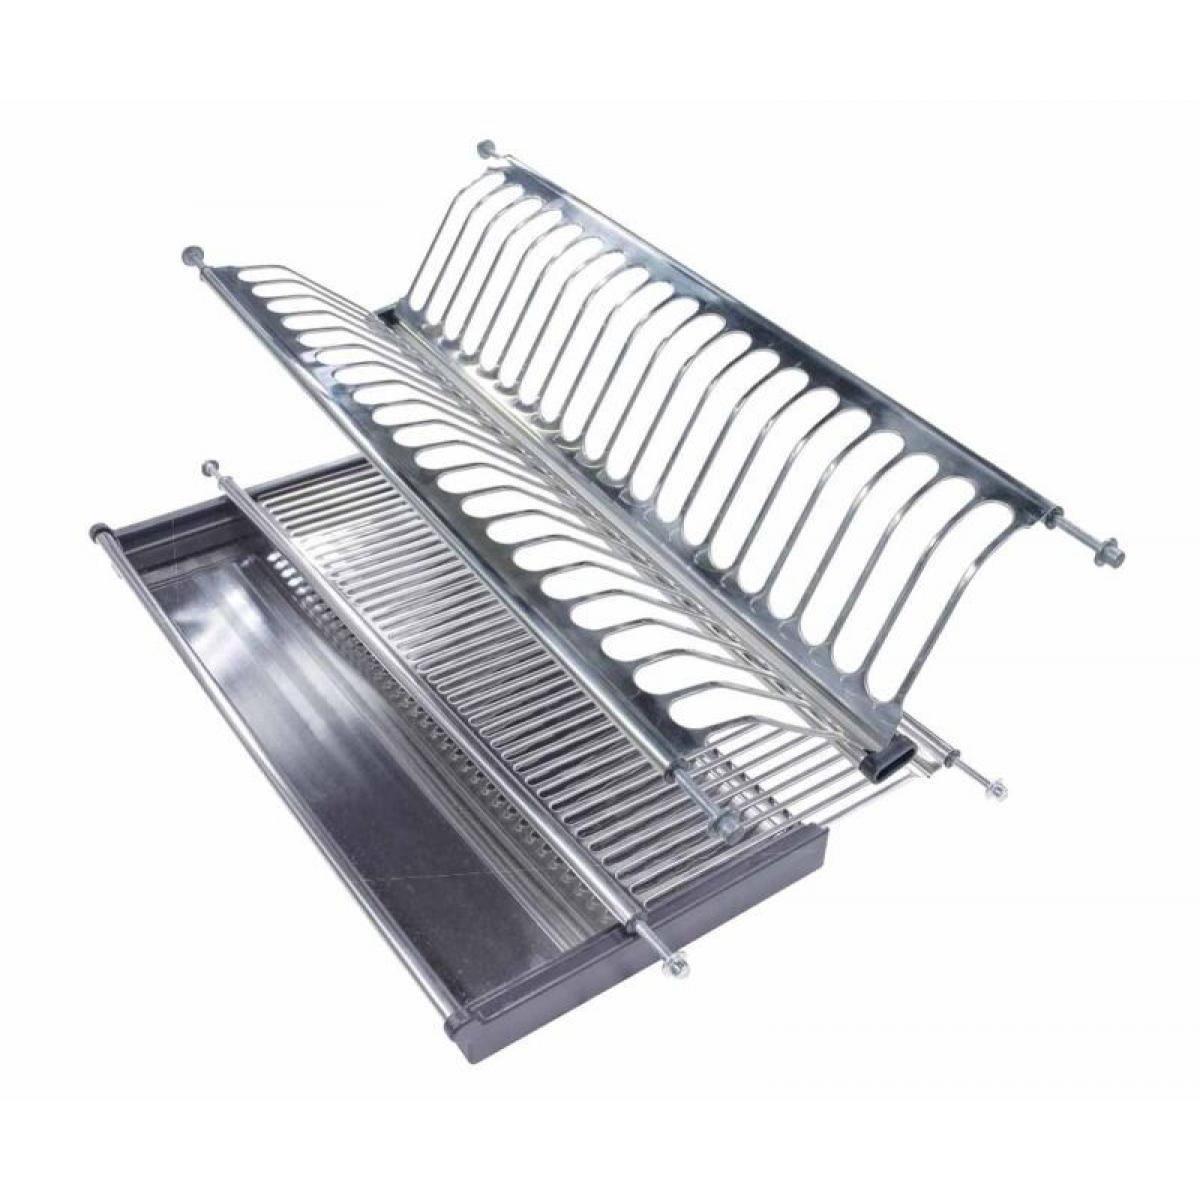 Сушка для посуды 501 для модуля 600мм нерж.сталь